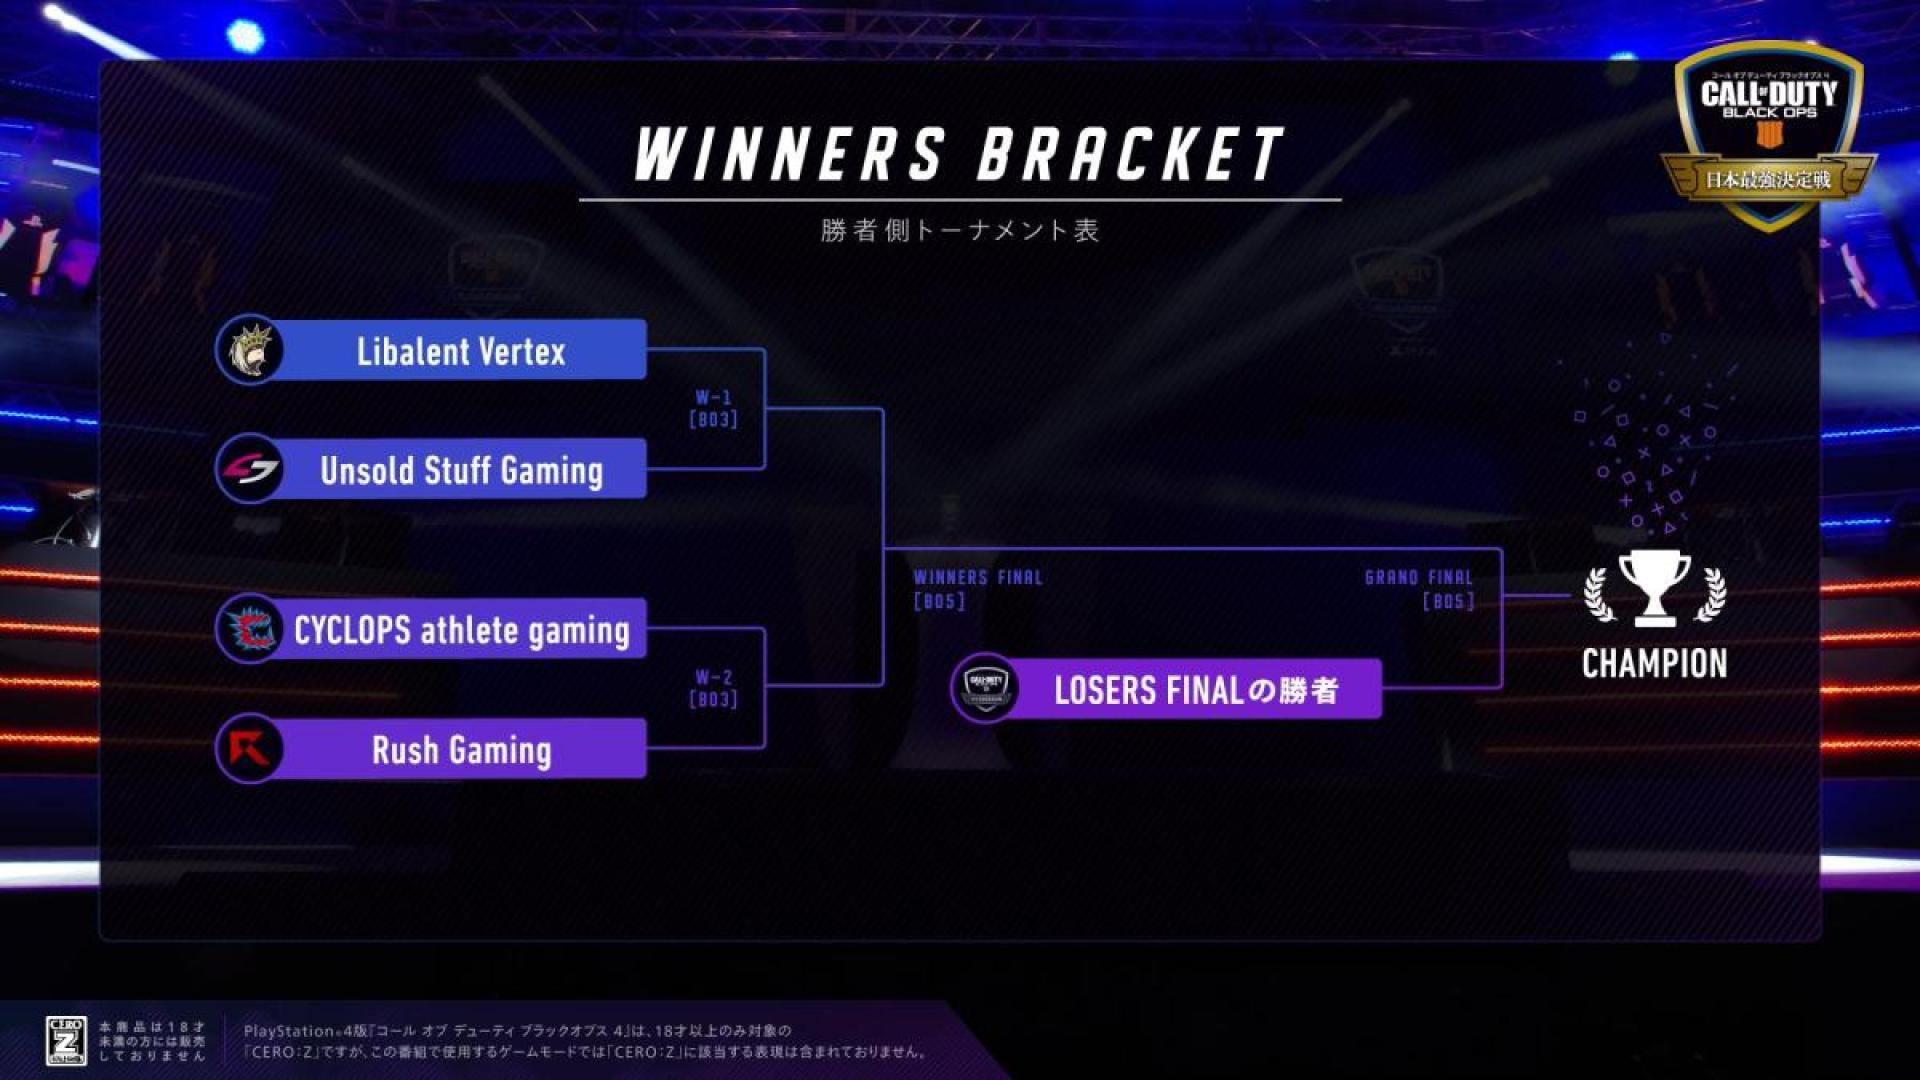 BO4 tournament